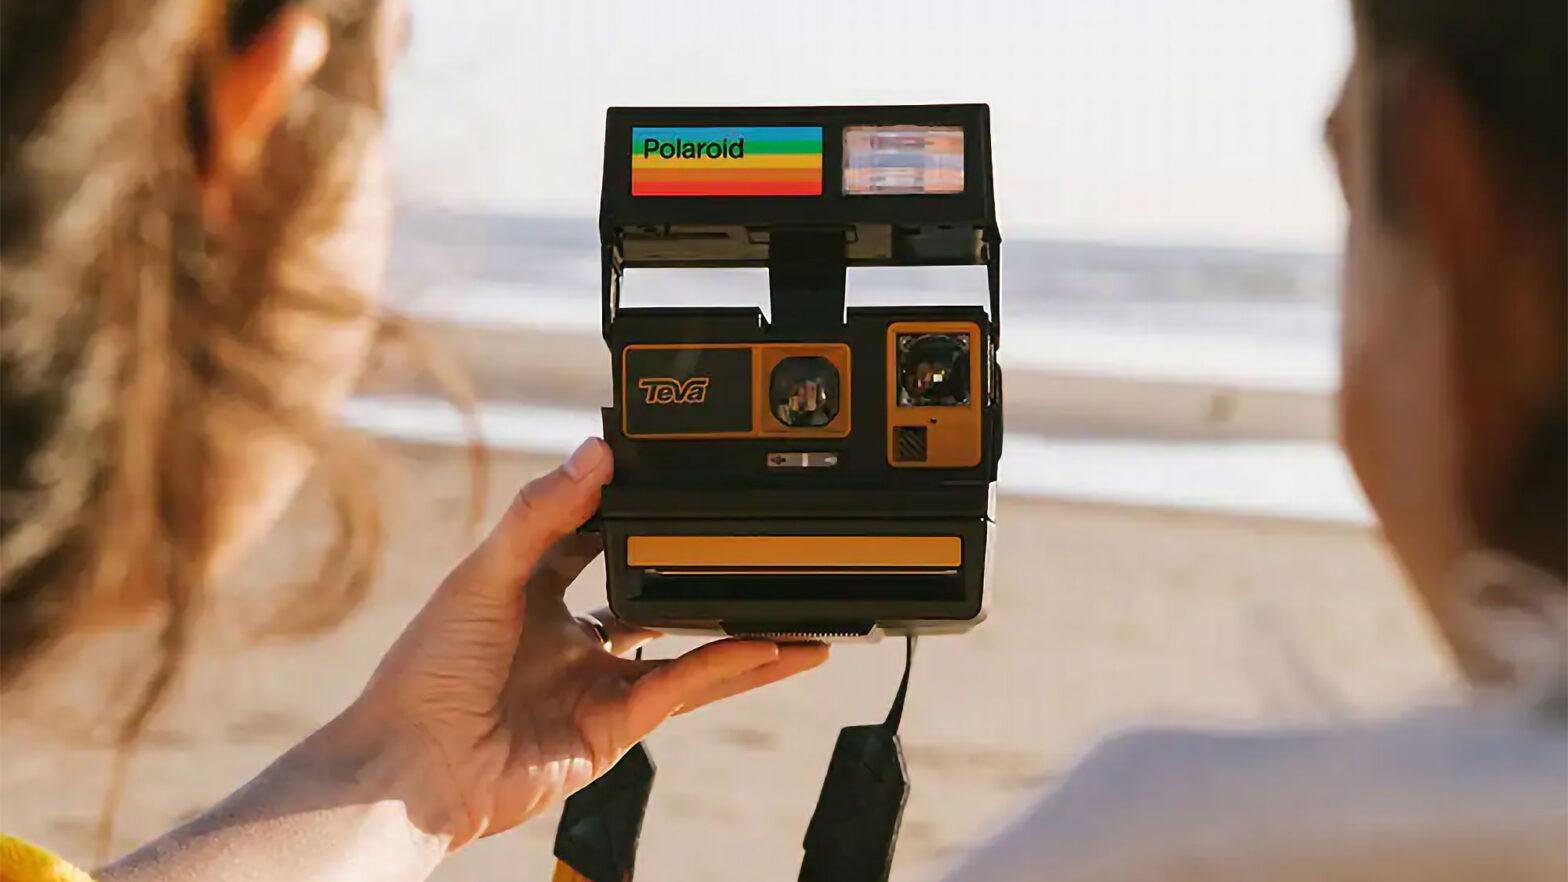 Polaroid x Teva Instant Camera